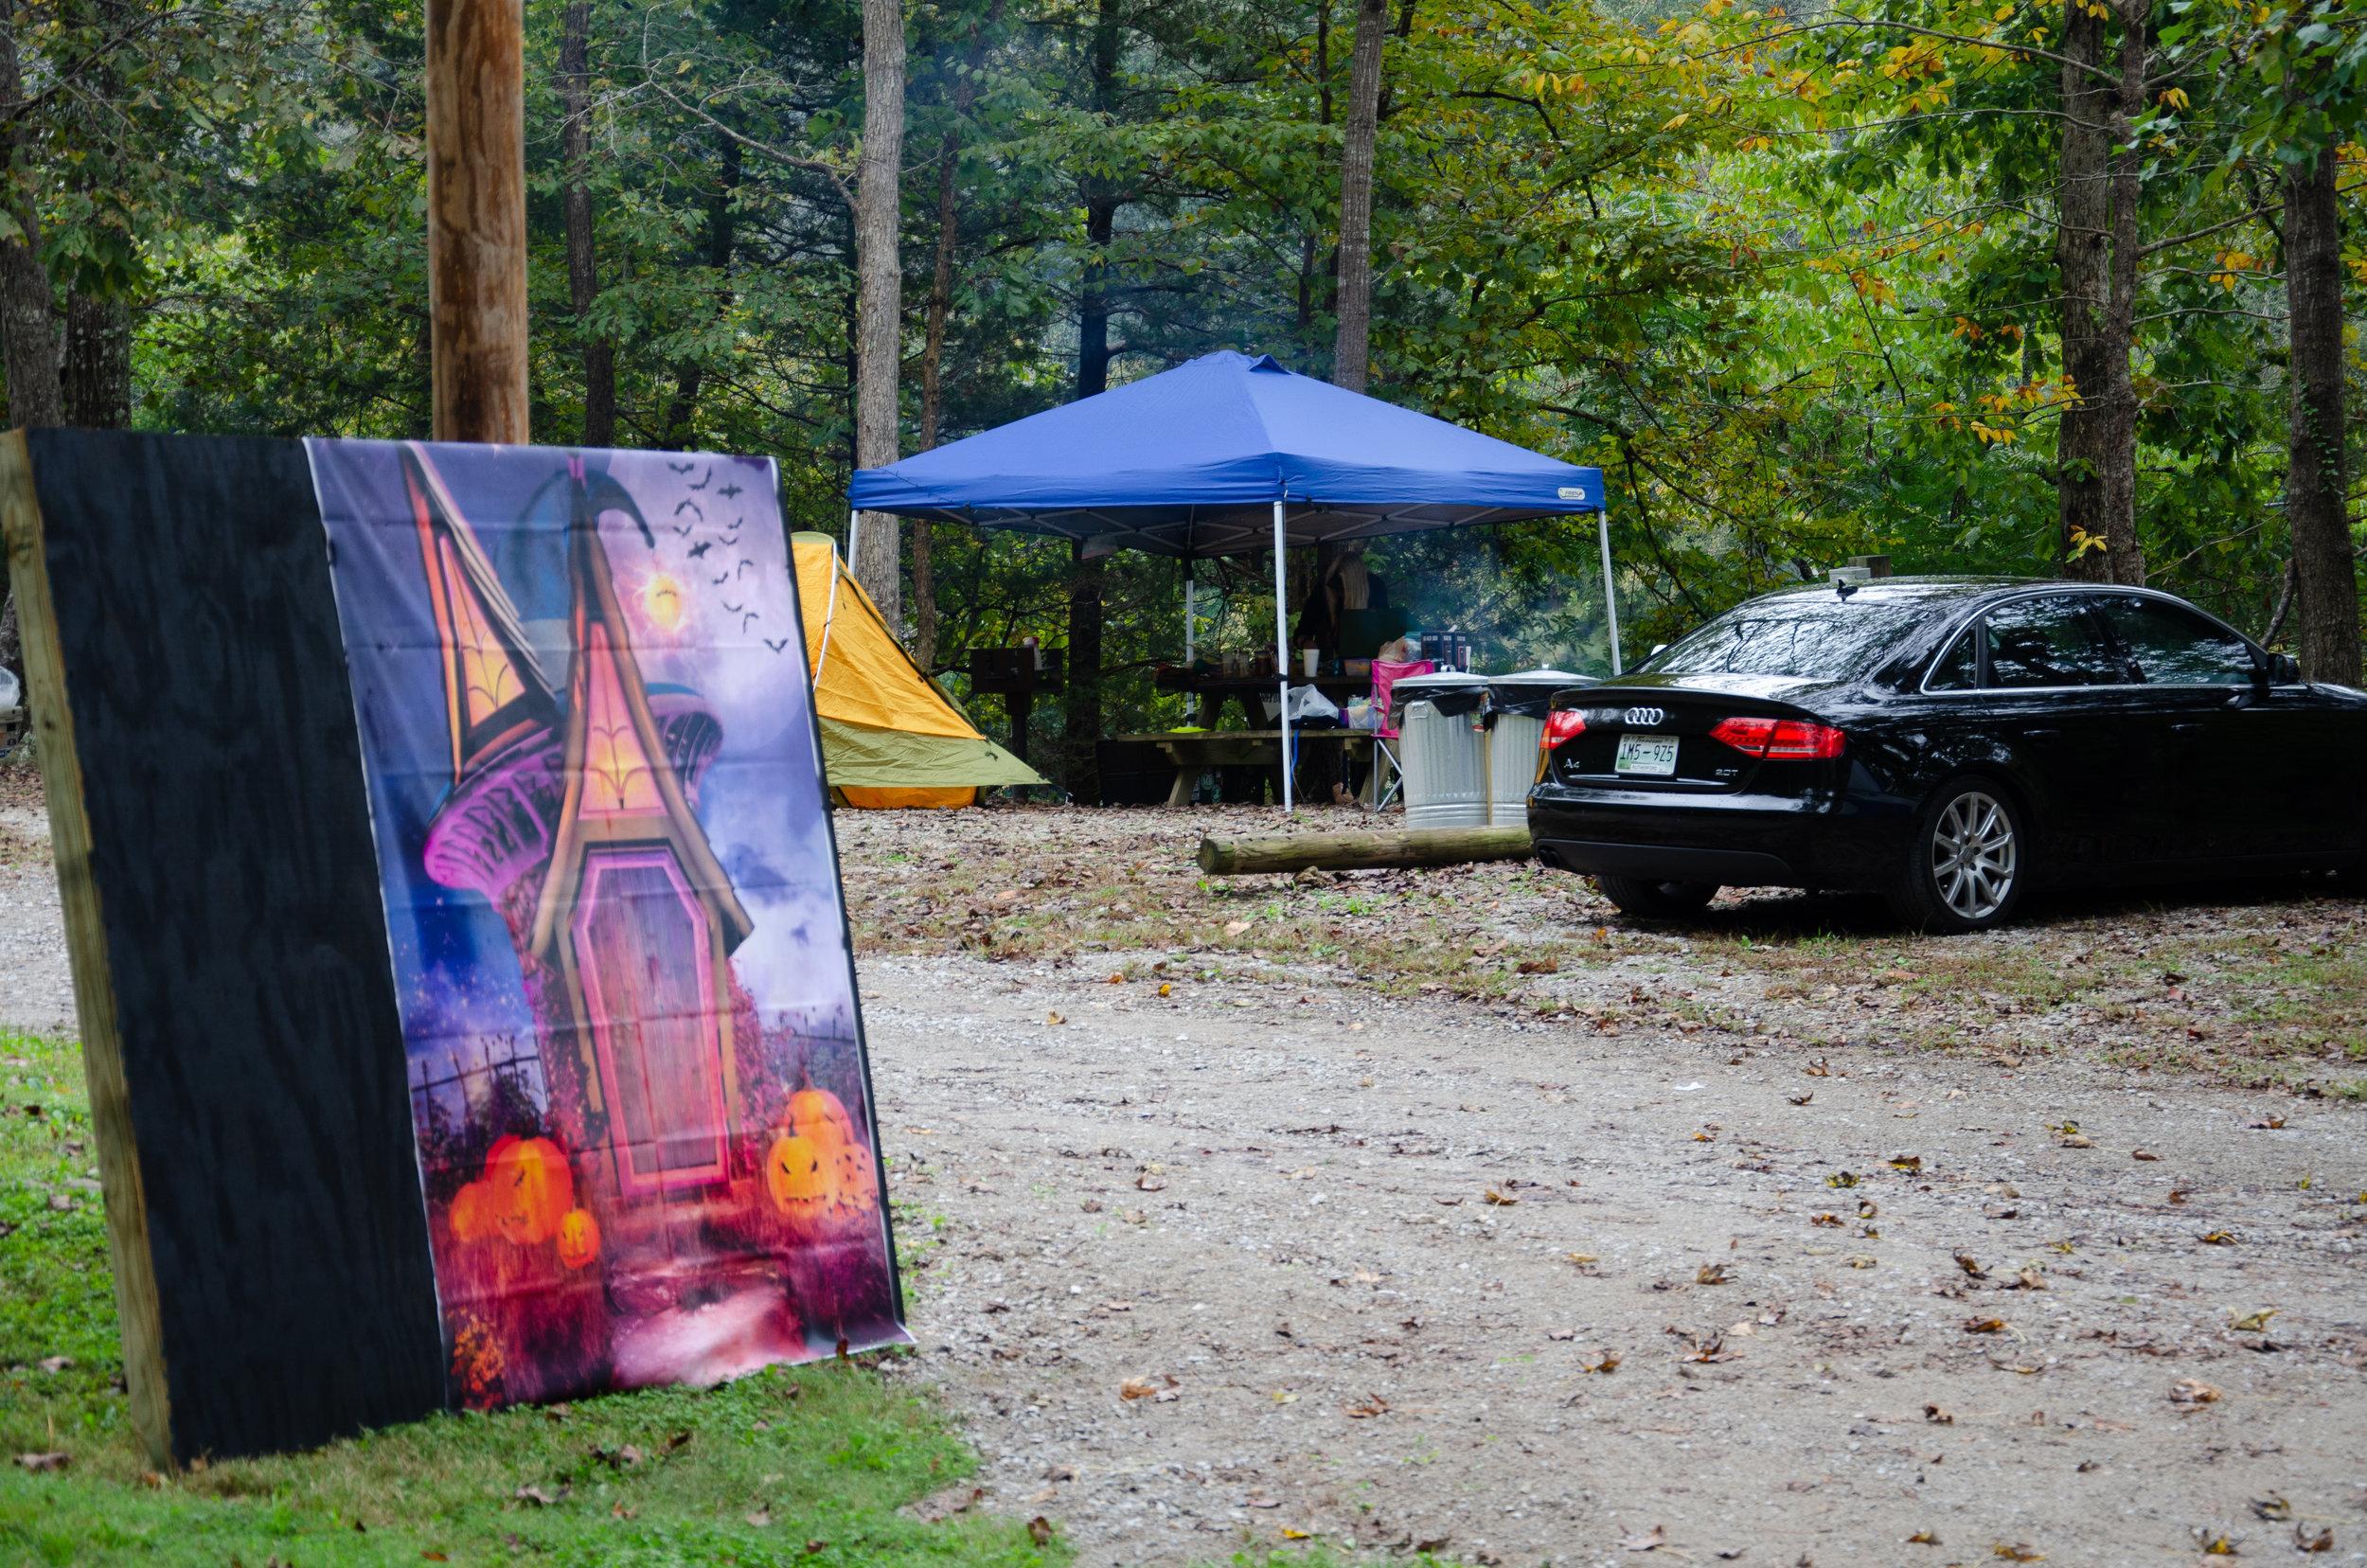 20181020_Campground_Nikon_2174.jpg